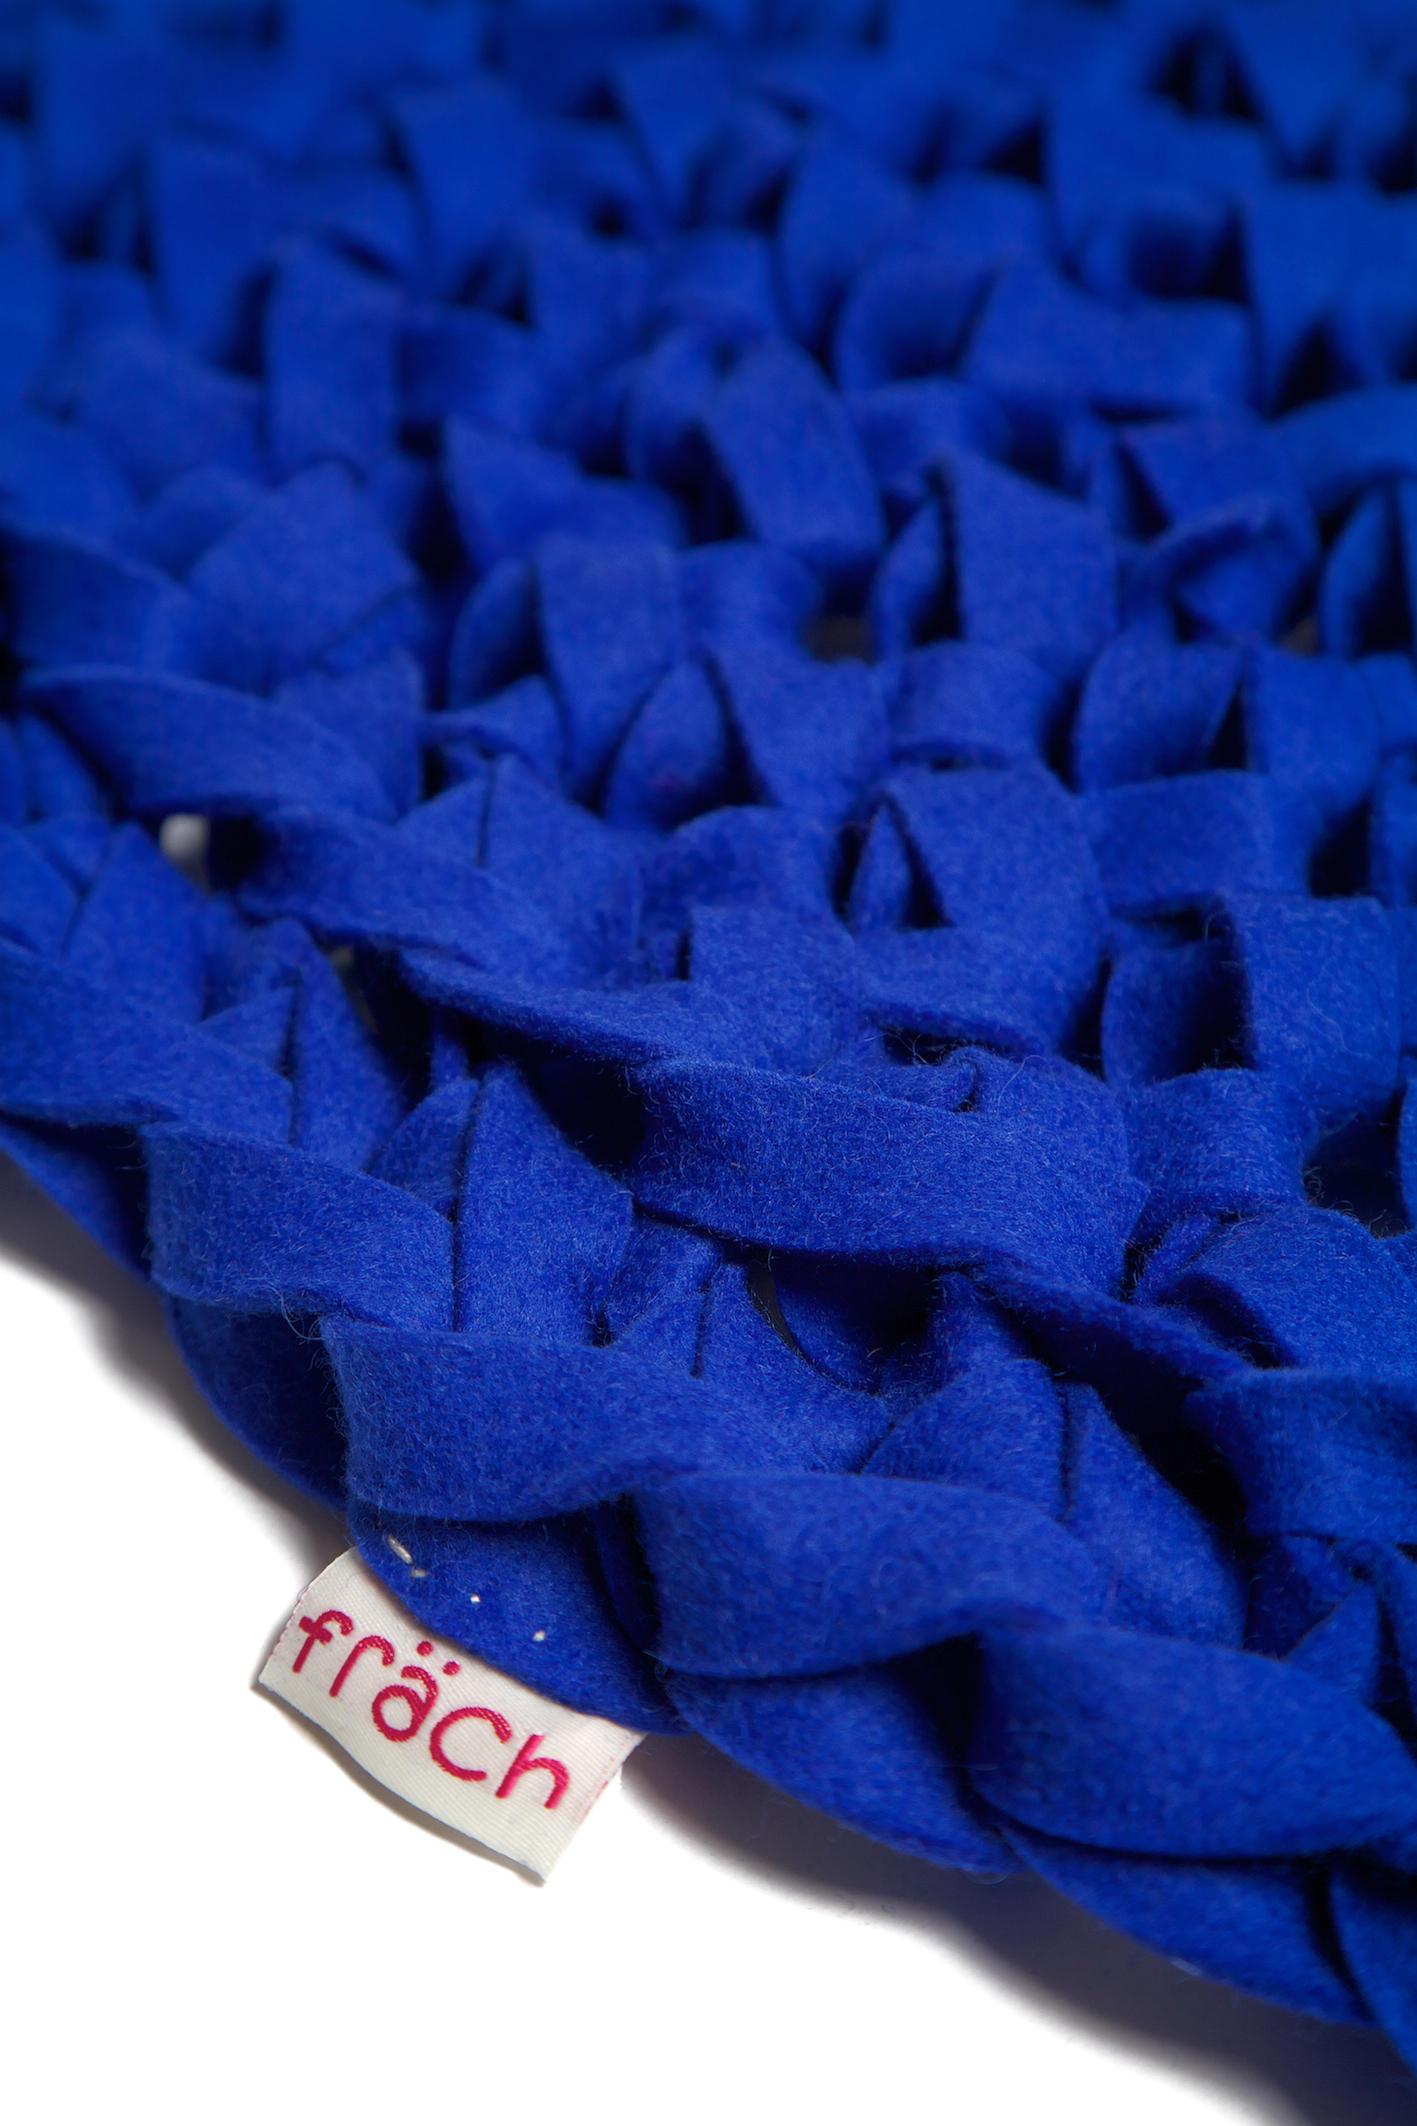 blaue wolke formatteppiche designerteppiche von fr ch architonic. Black Bedroom Furniture Sets. Home Design Ideas